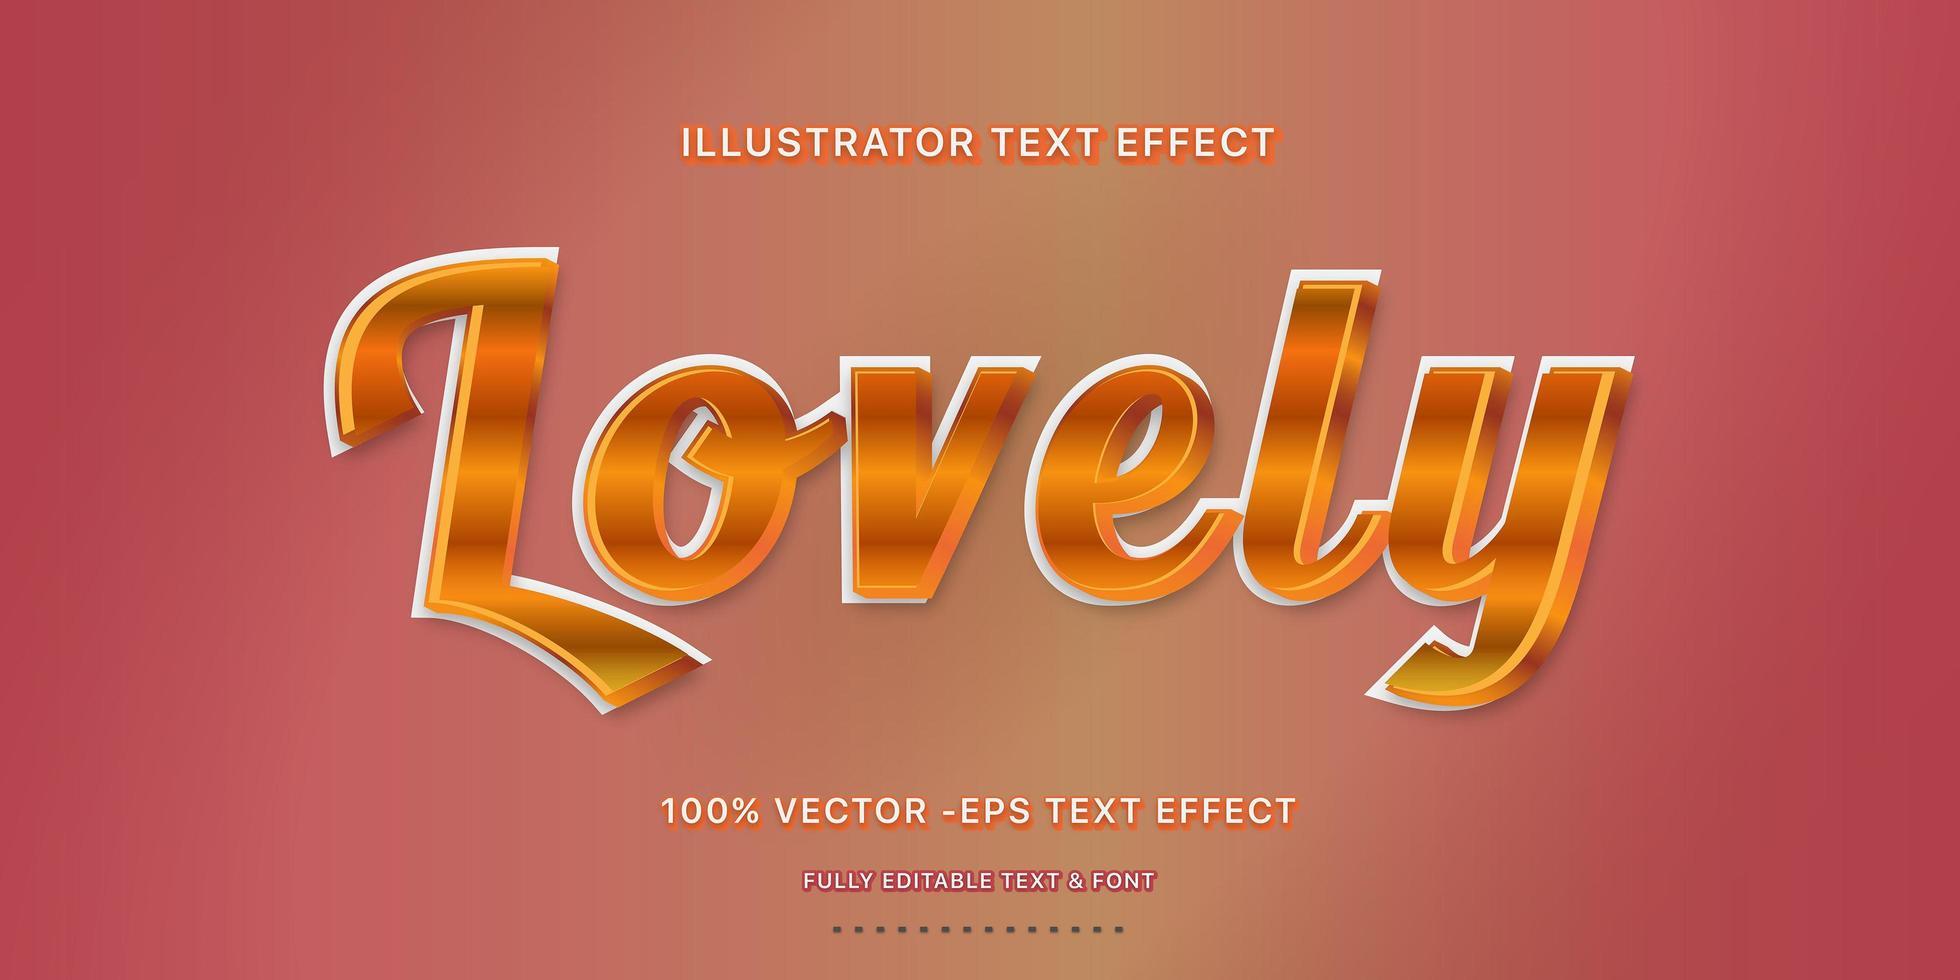 estilo de texto editável com script metálico laranja vetor